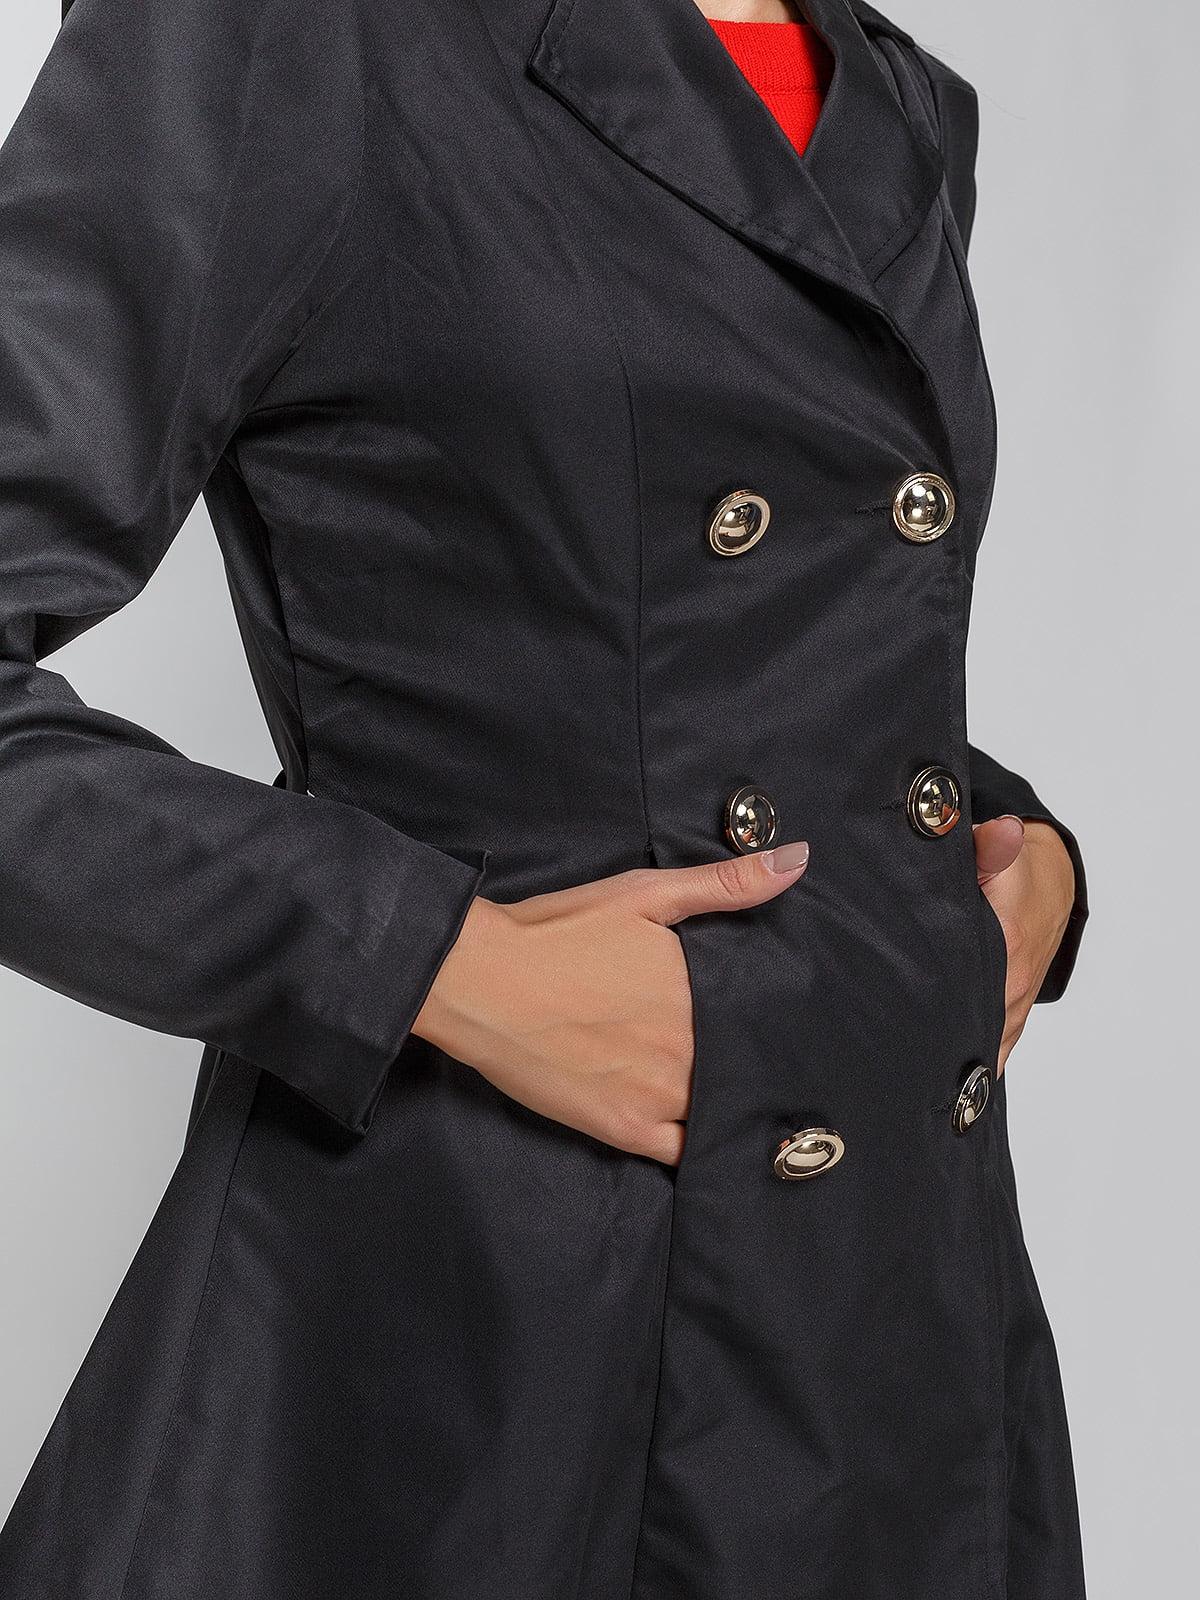 Пальто черное | 3612011 | фото 4